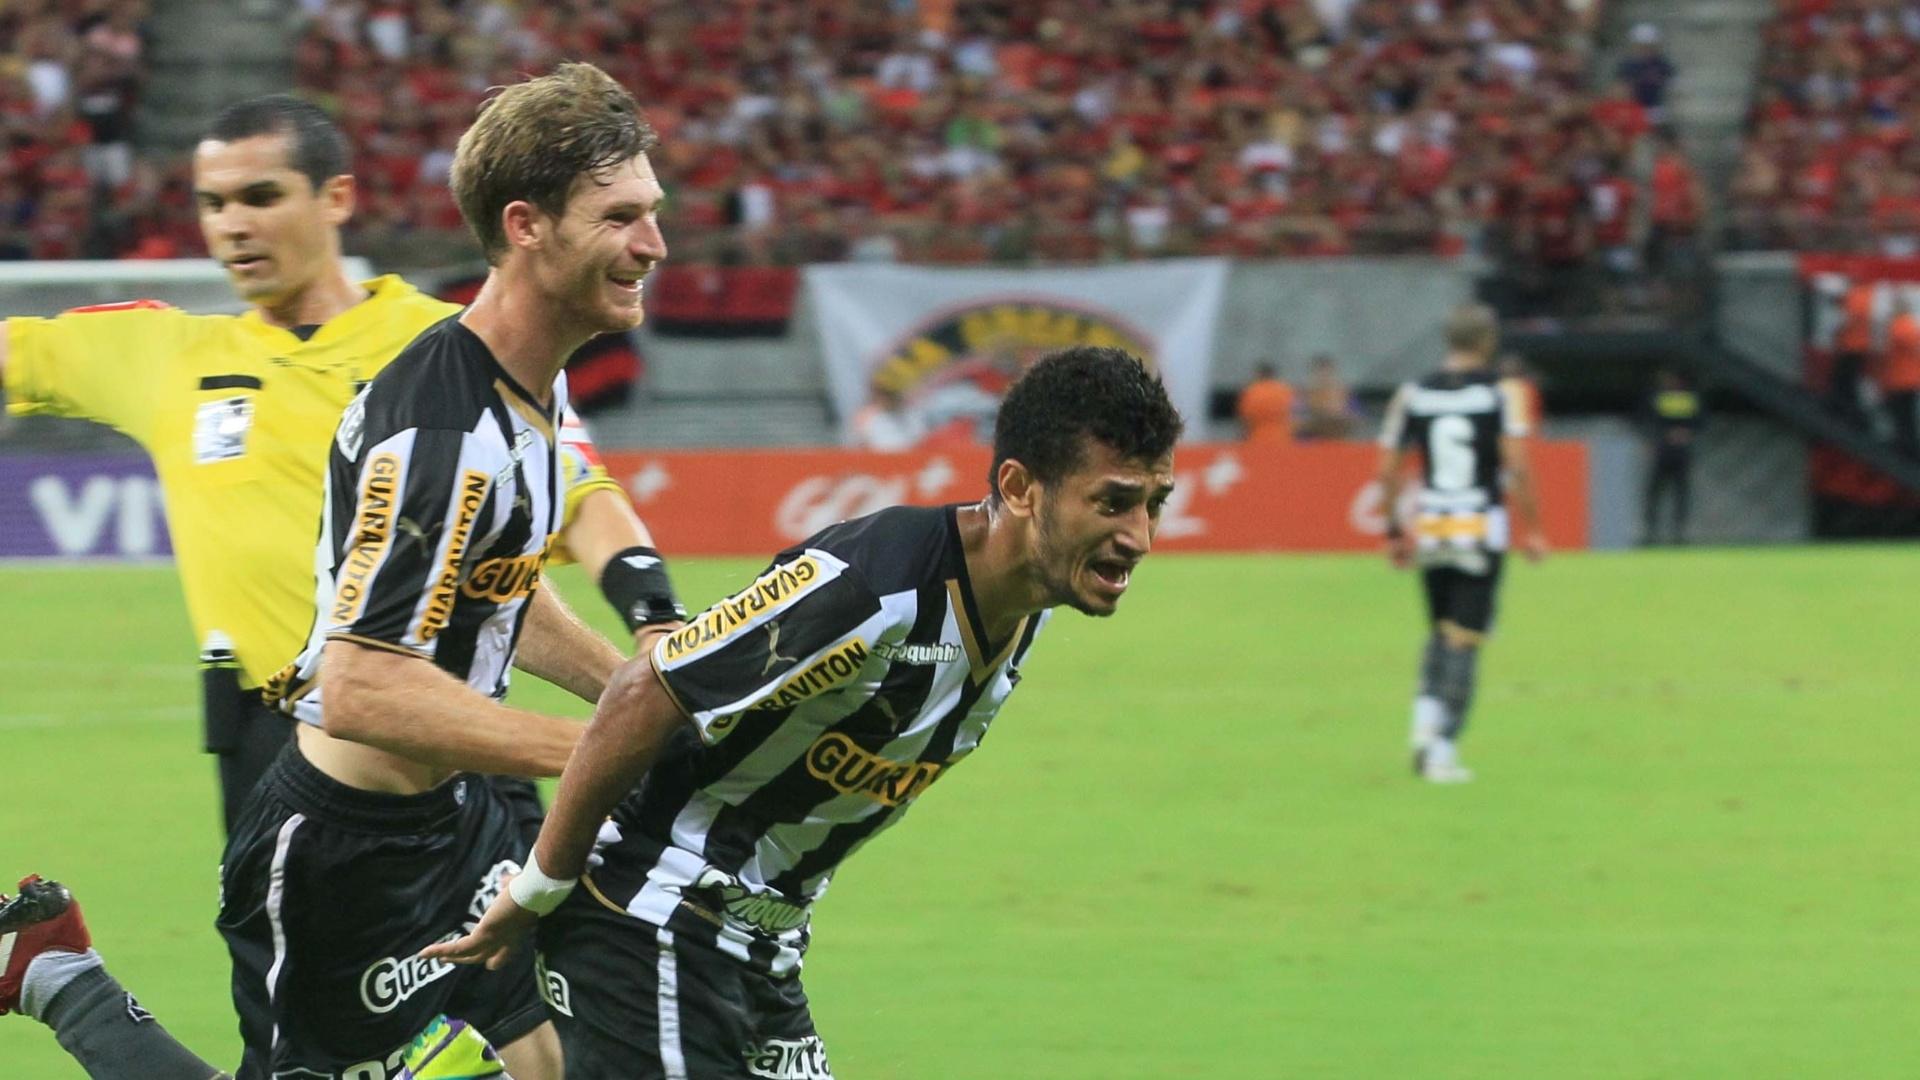 Rogério comemora gol pelo Botafogo contra o Flamengo